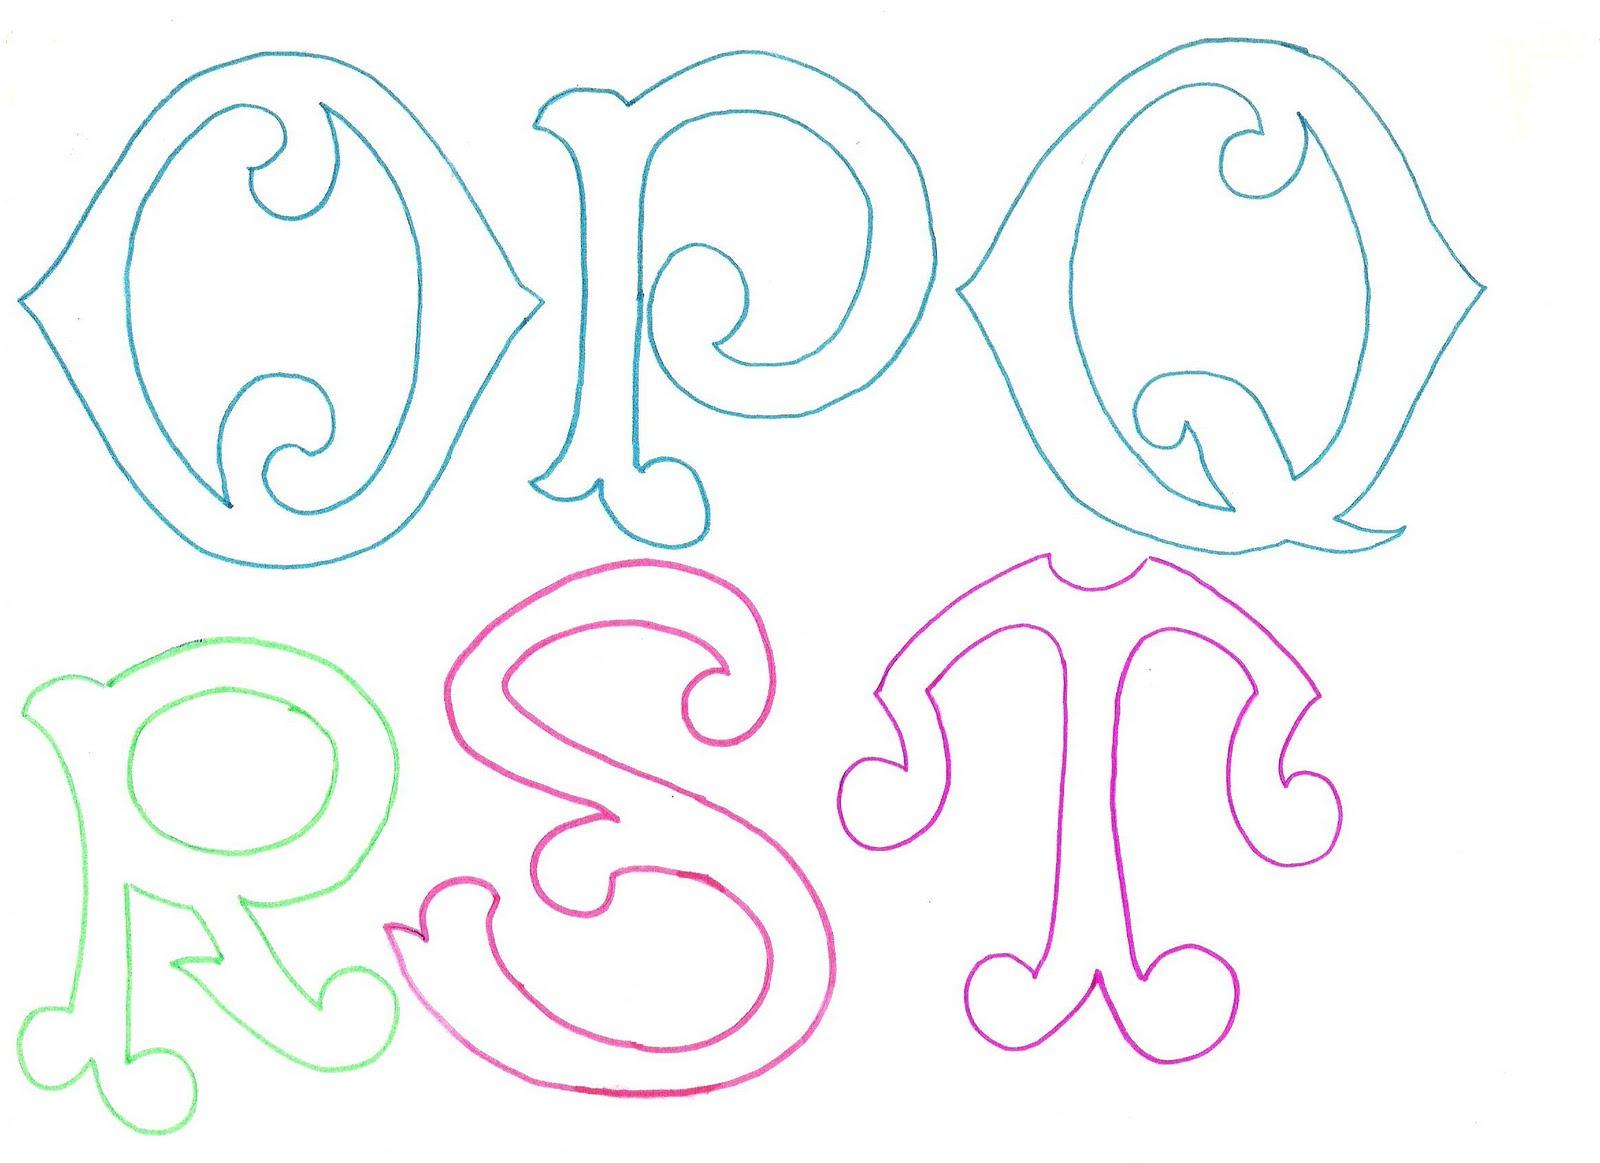 Letras raras para carteles imagui - Letras para letreros grandes ...